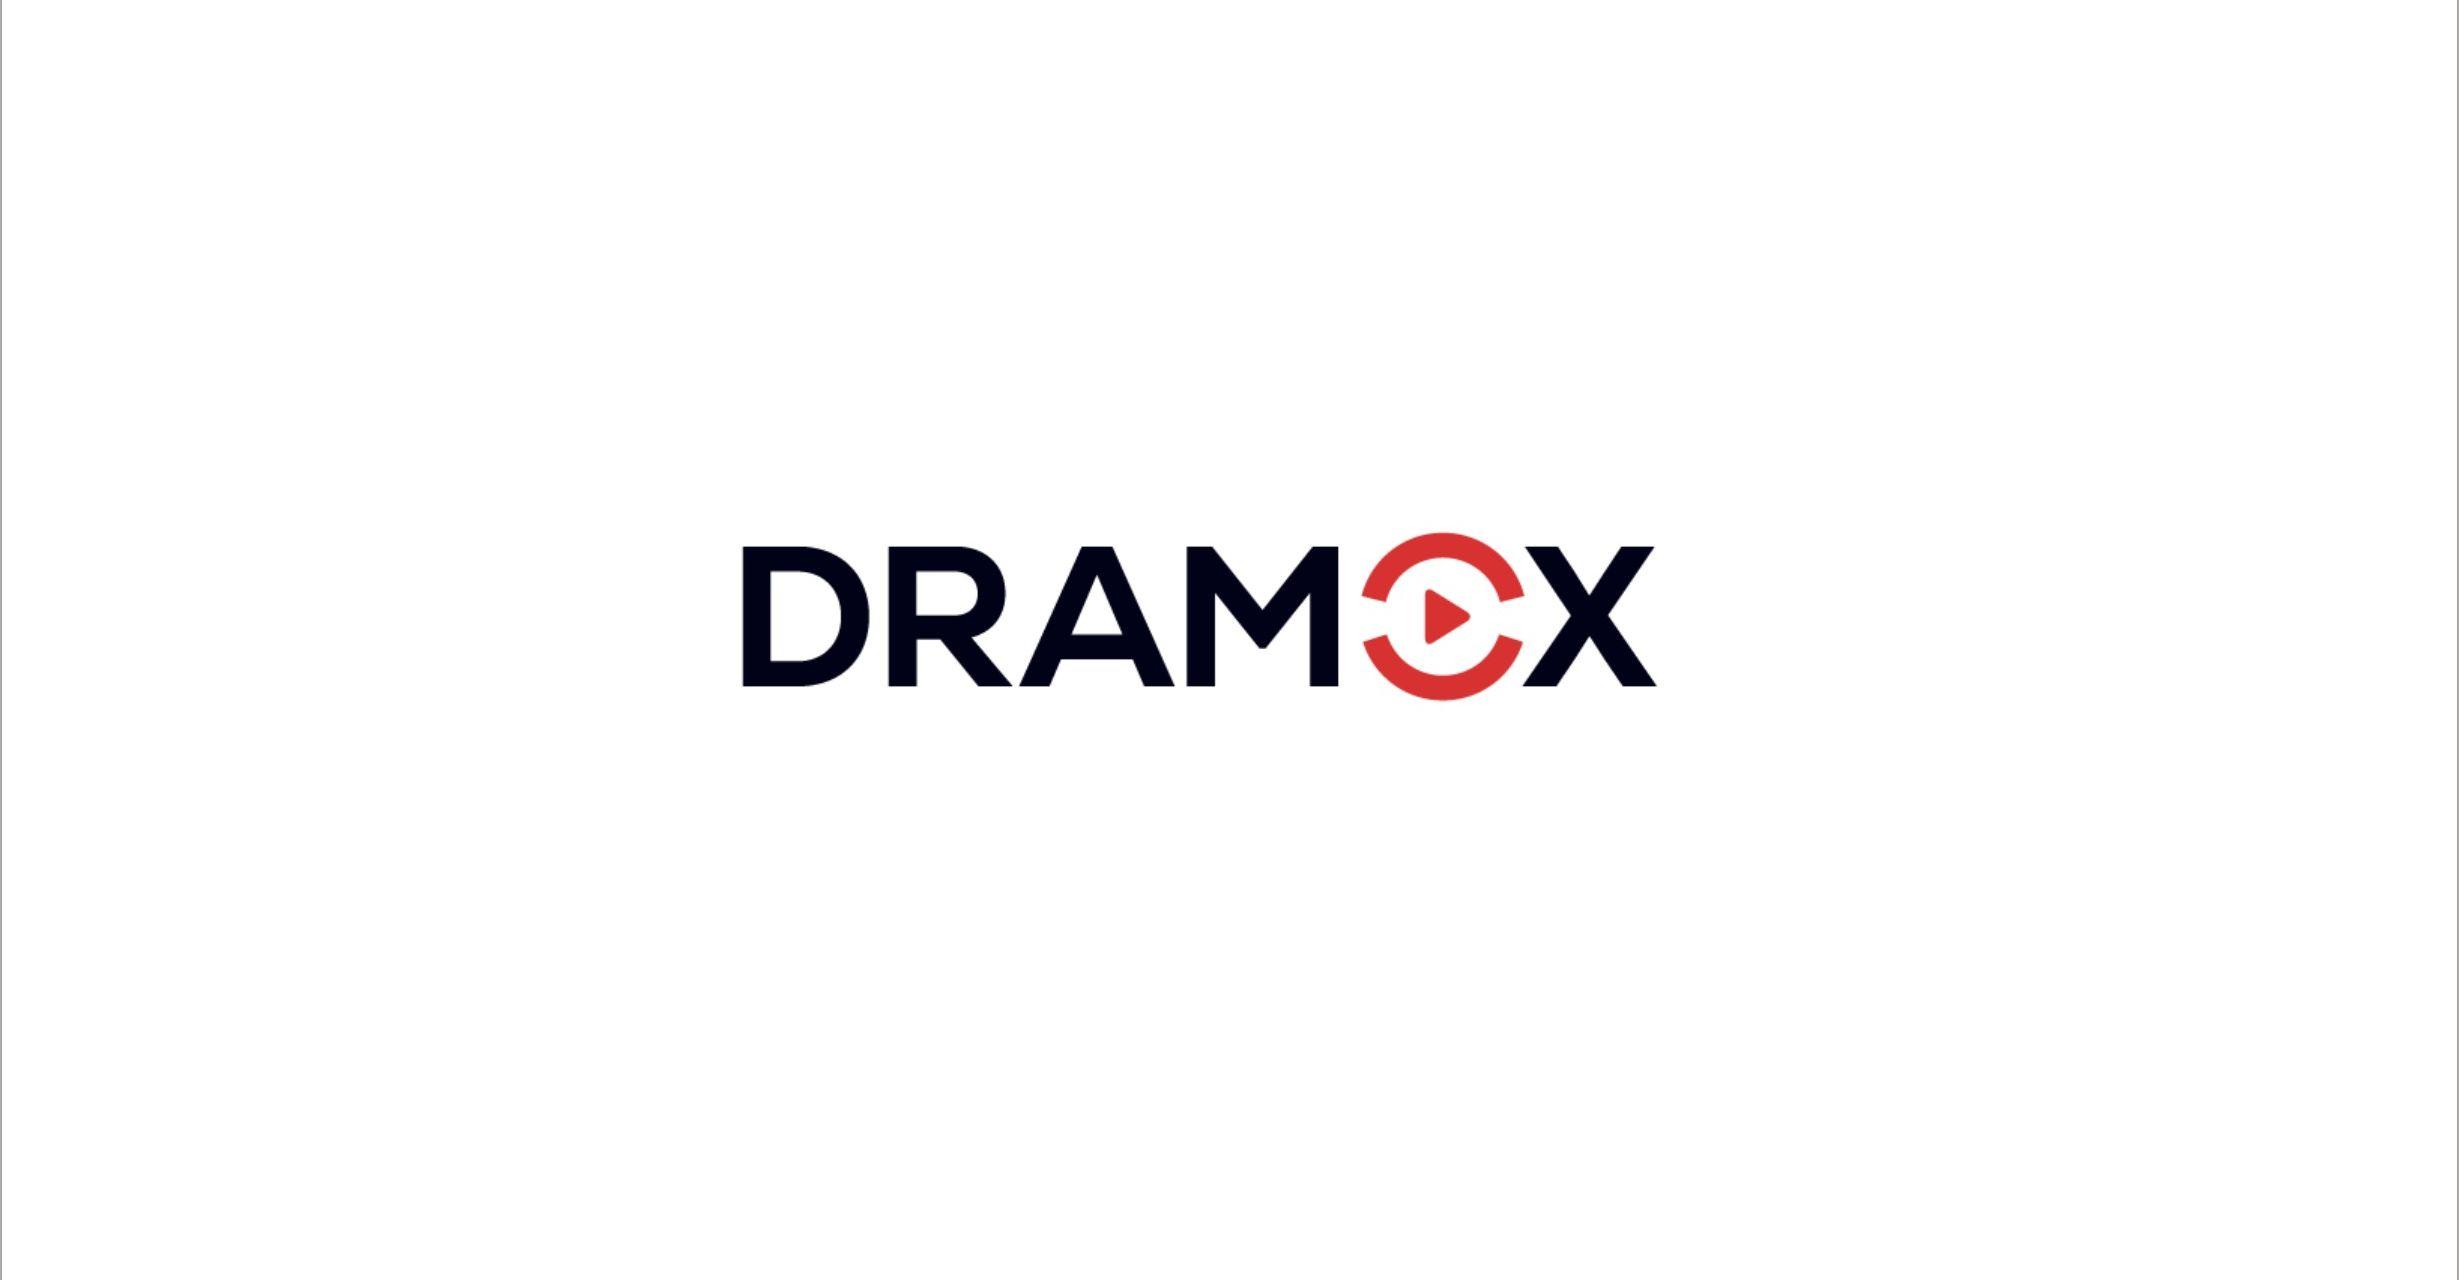 Logo DRAMOX - JPEG